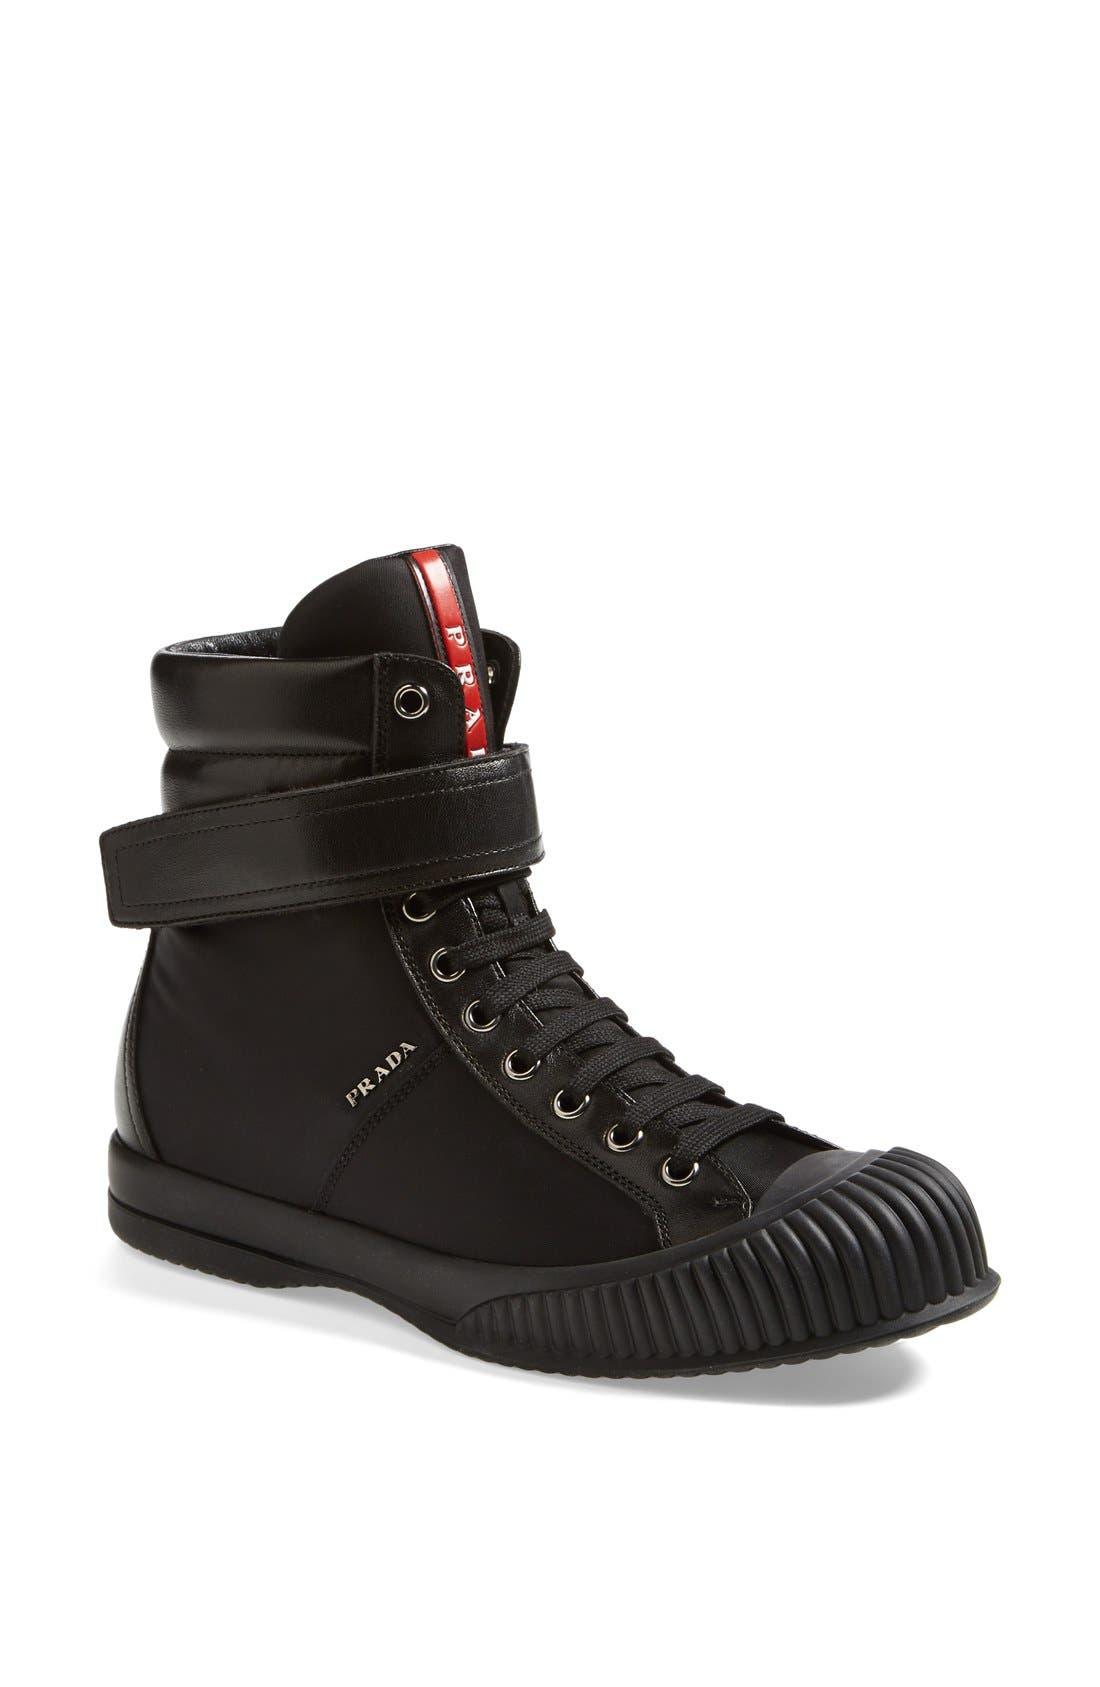 Alternate Image 1 Selected - Prada Sport High Top Sneaker (Women)